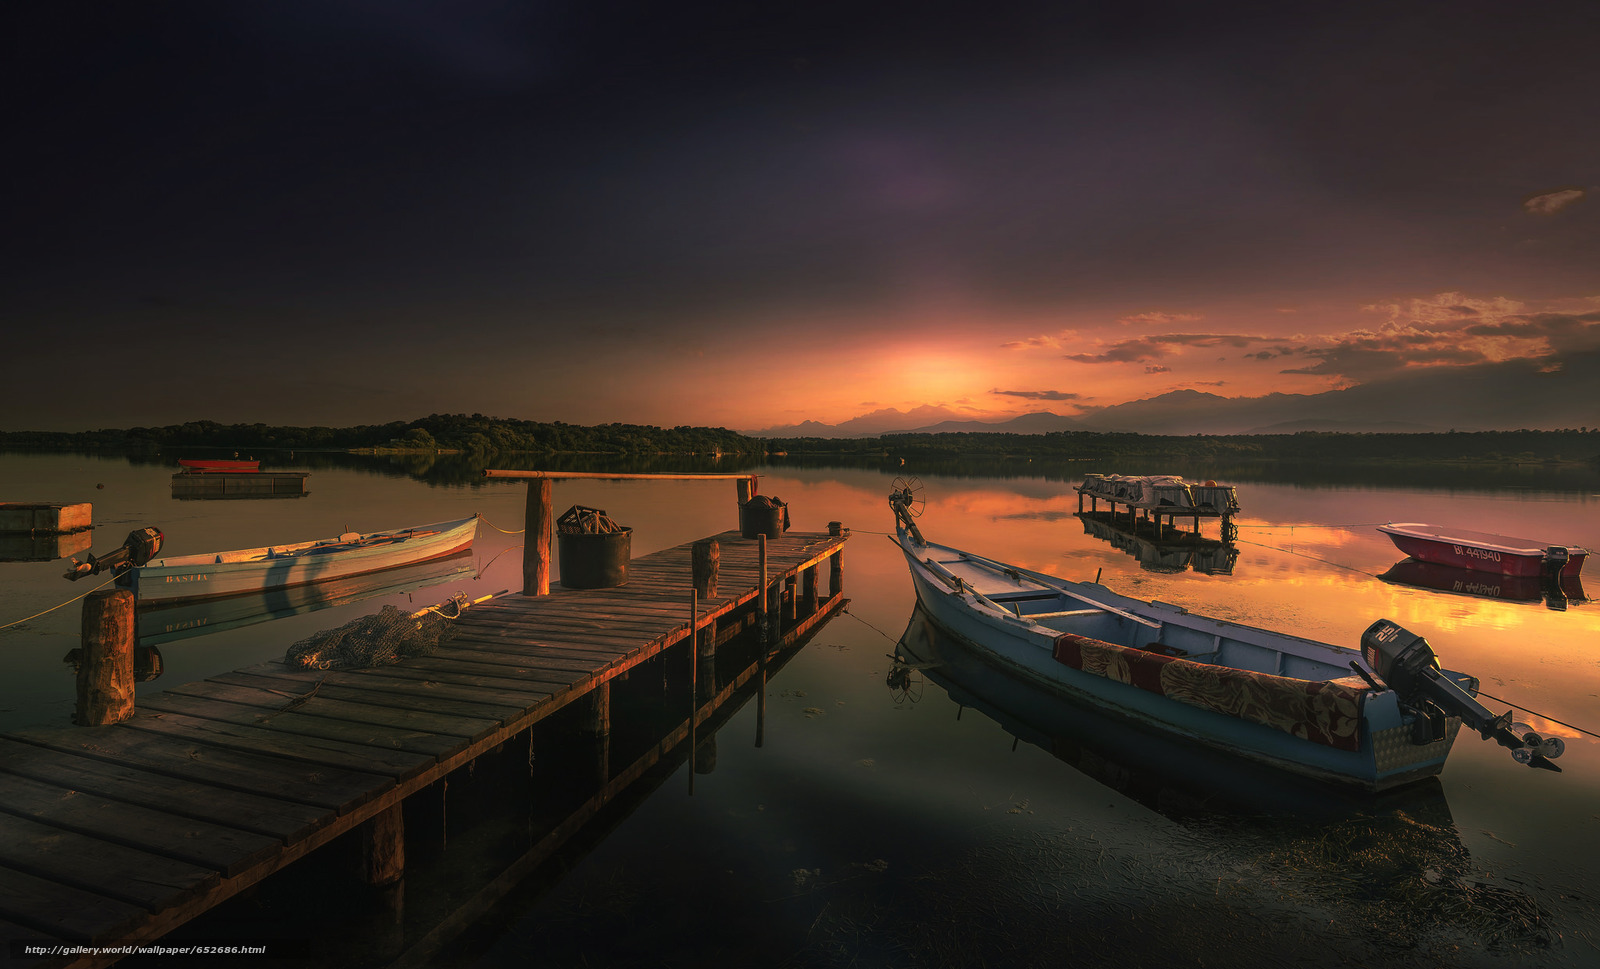 Скачать обои лодки,  мост,  закат,  вечер бесплатно для рабочего стола в разрешении 2048x1240 — картинка №652686